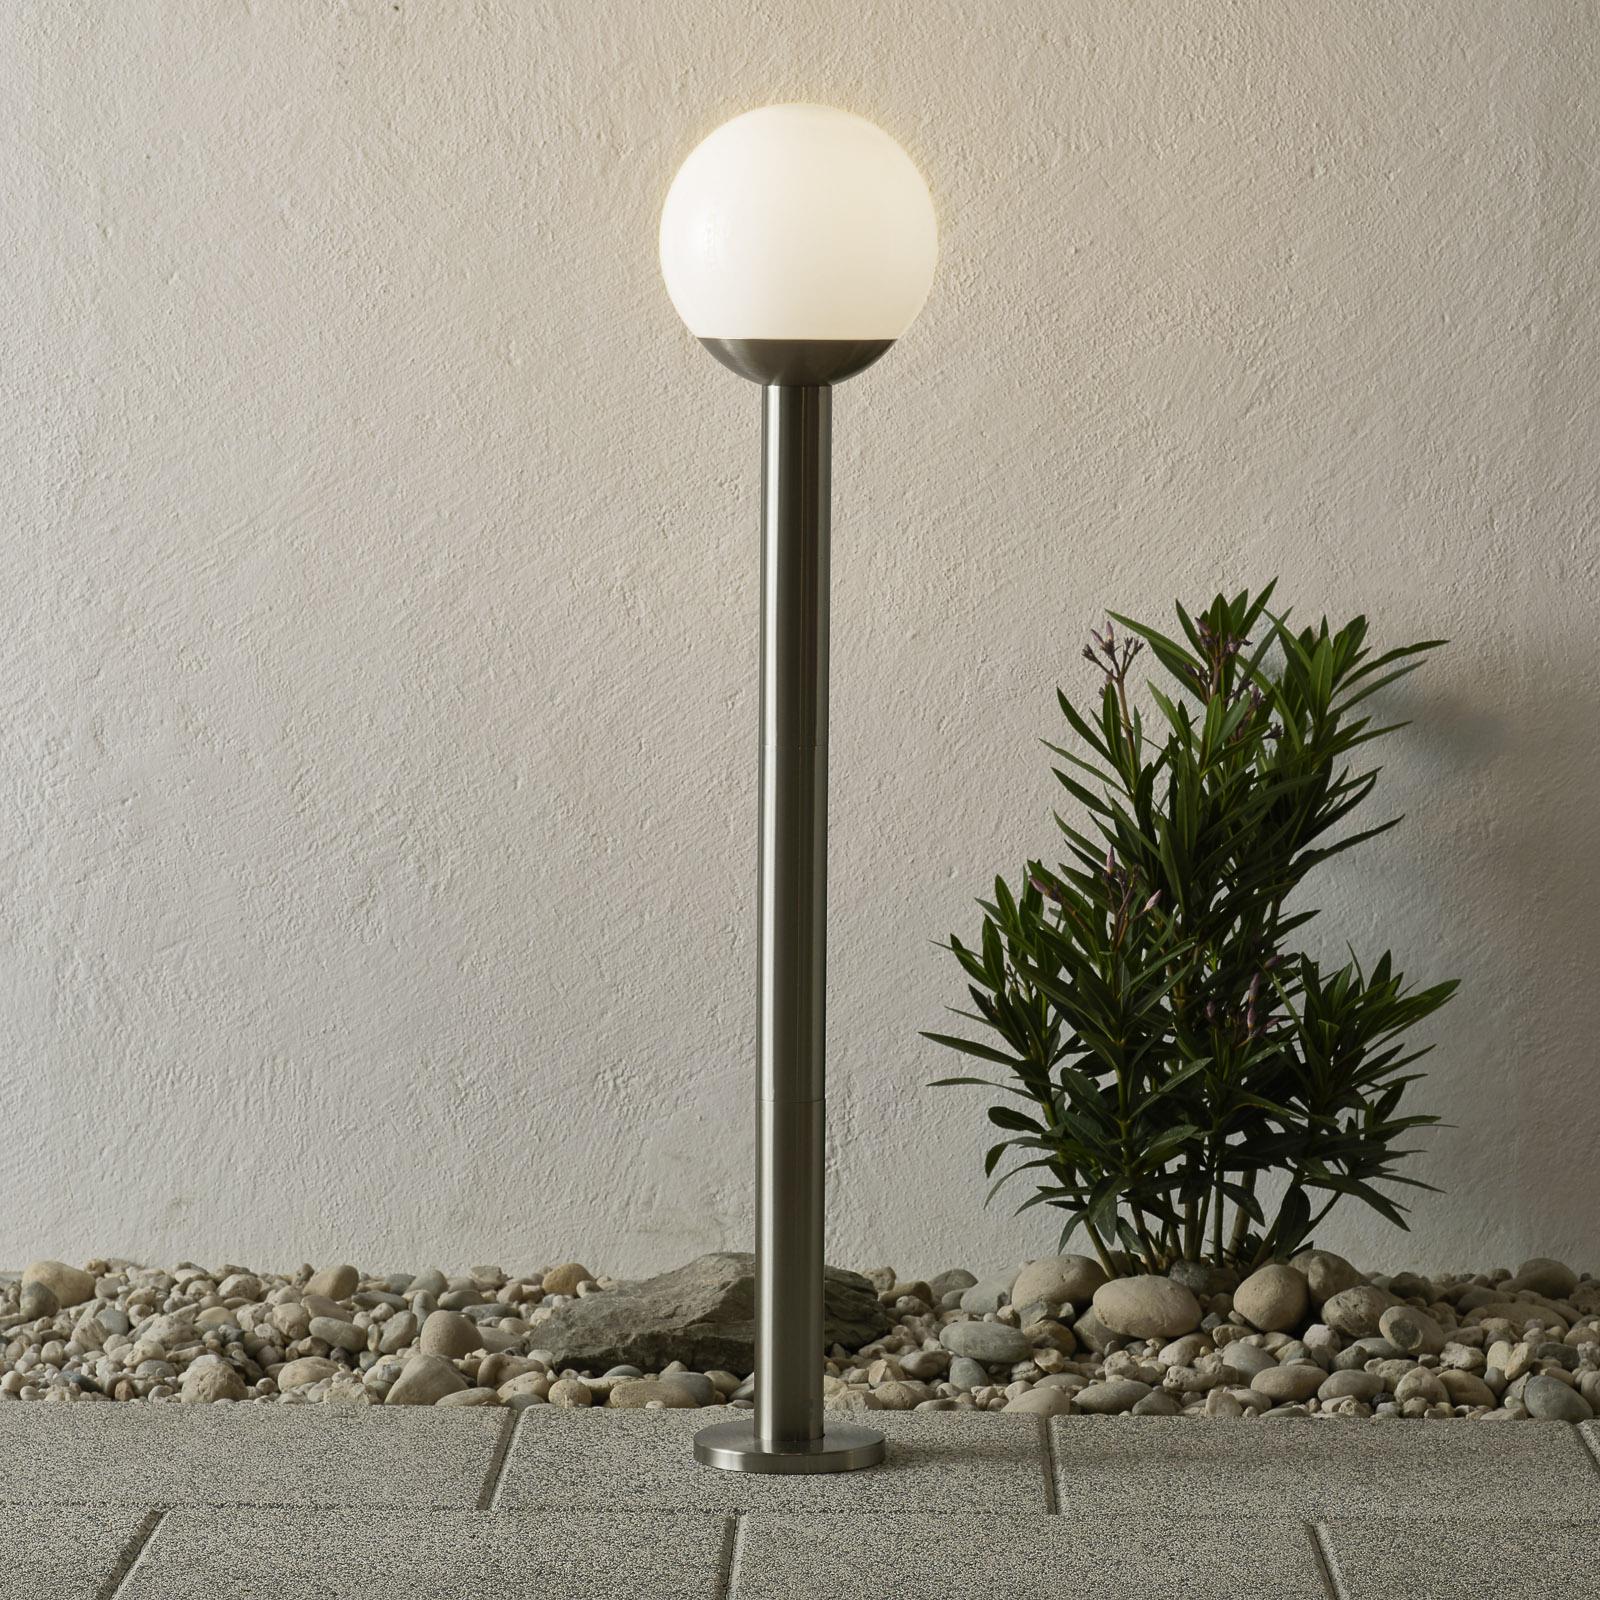 EGLO connect Nisia-C LED-gadelampe